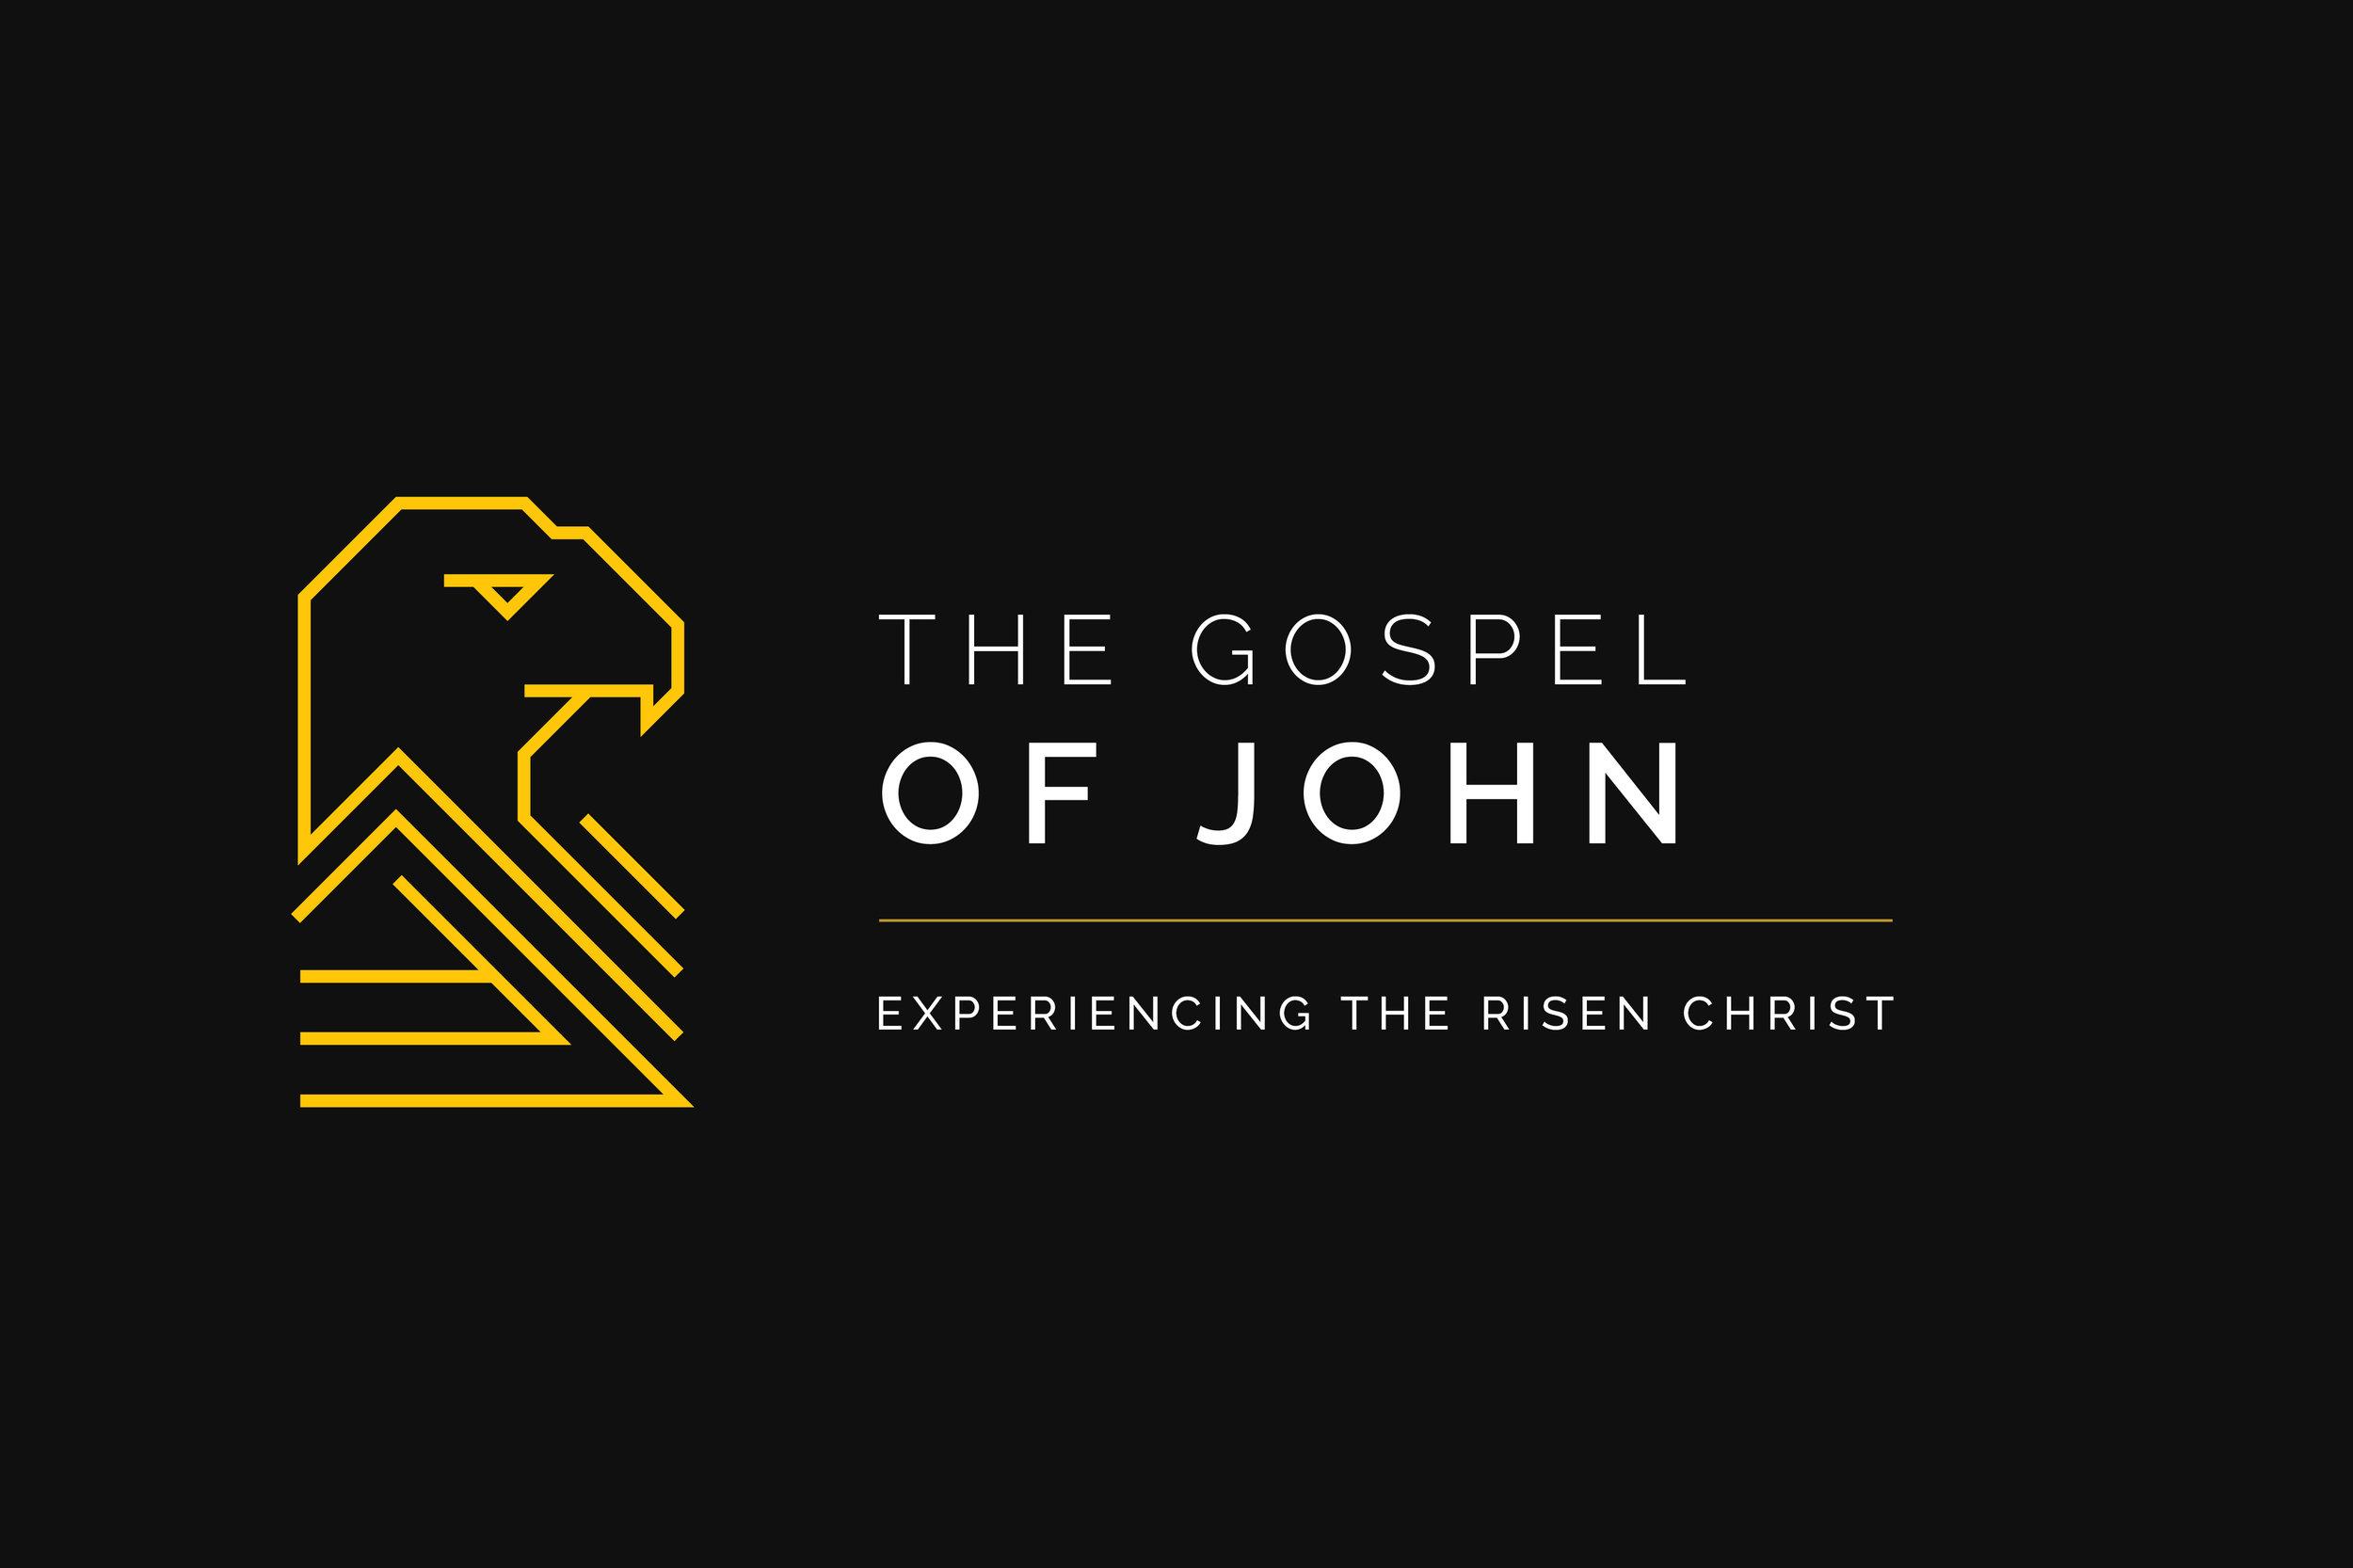 The-Gospel-of-John--Experiencing-the-risen-christ.jpg